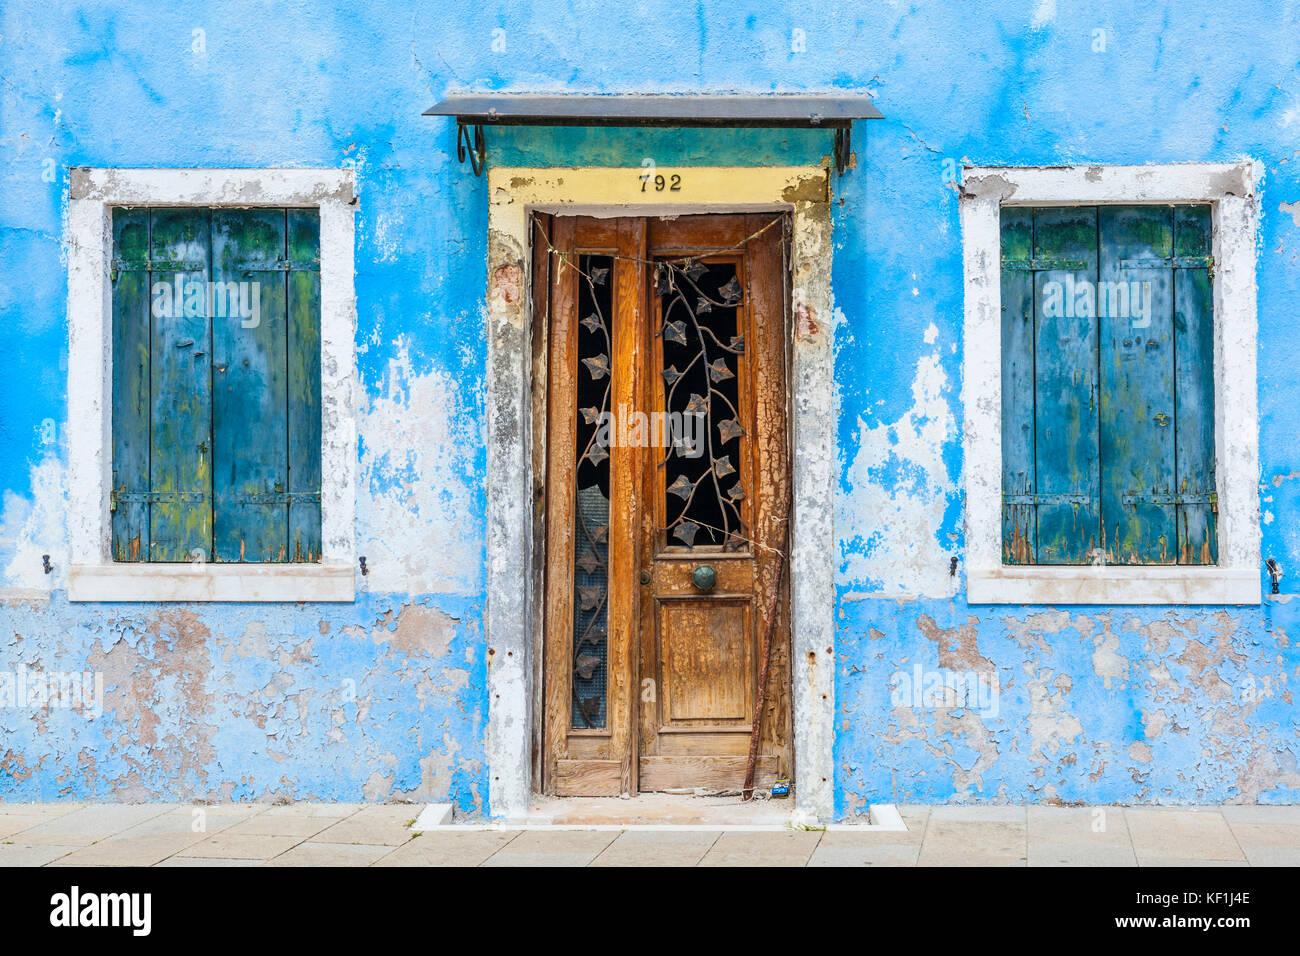 Venezia Italia Venezia Fishermans house Shabby blu casa dipinta con porta in legno e persiane blu Isola di Burano Laguna di Venezia Venezia Italia Europa Foto Stock